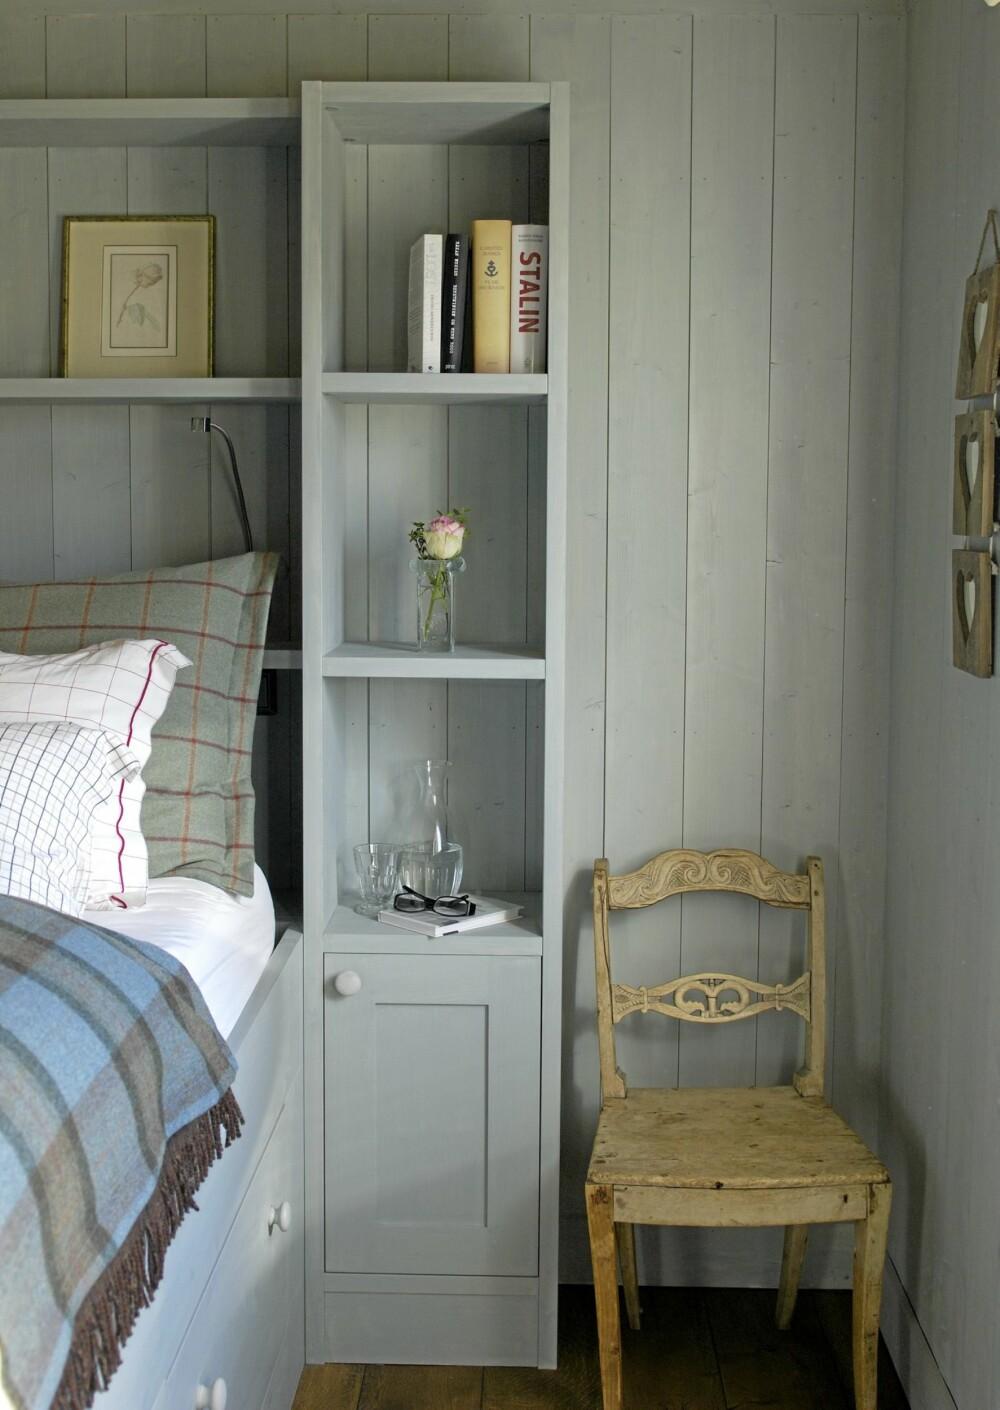 OMSLUTTET. Hyllene er bygget rundt sengen, og nattbordhyllen er plassert i hodehøyde. Skapet under er praktisk til oppbevaring.  Fargen er spesialblandet av interiørdesigner Helene Mustad.